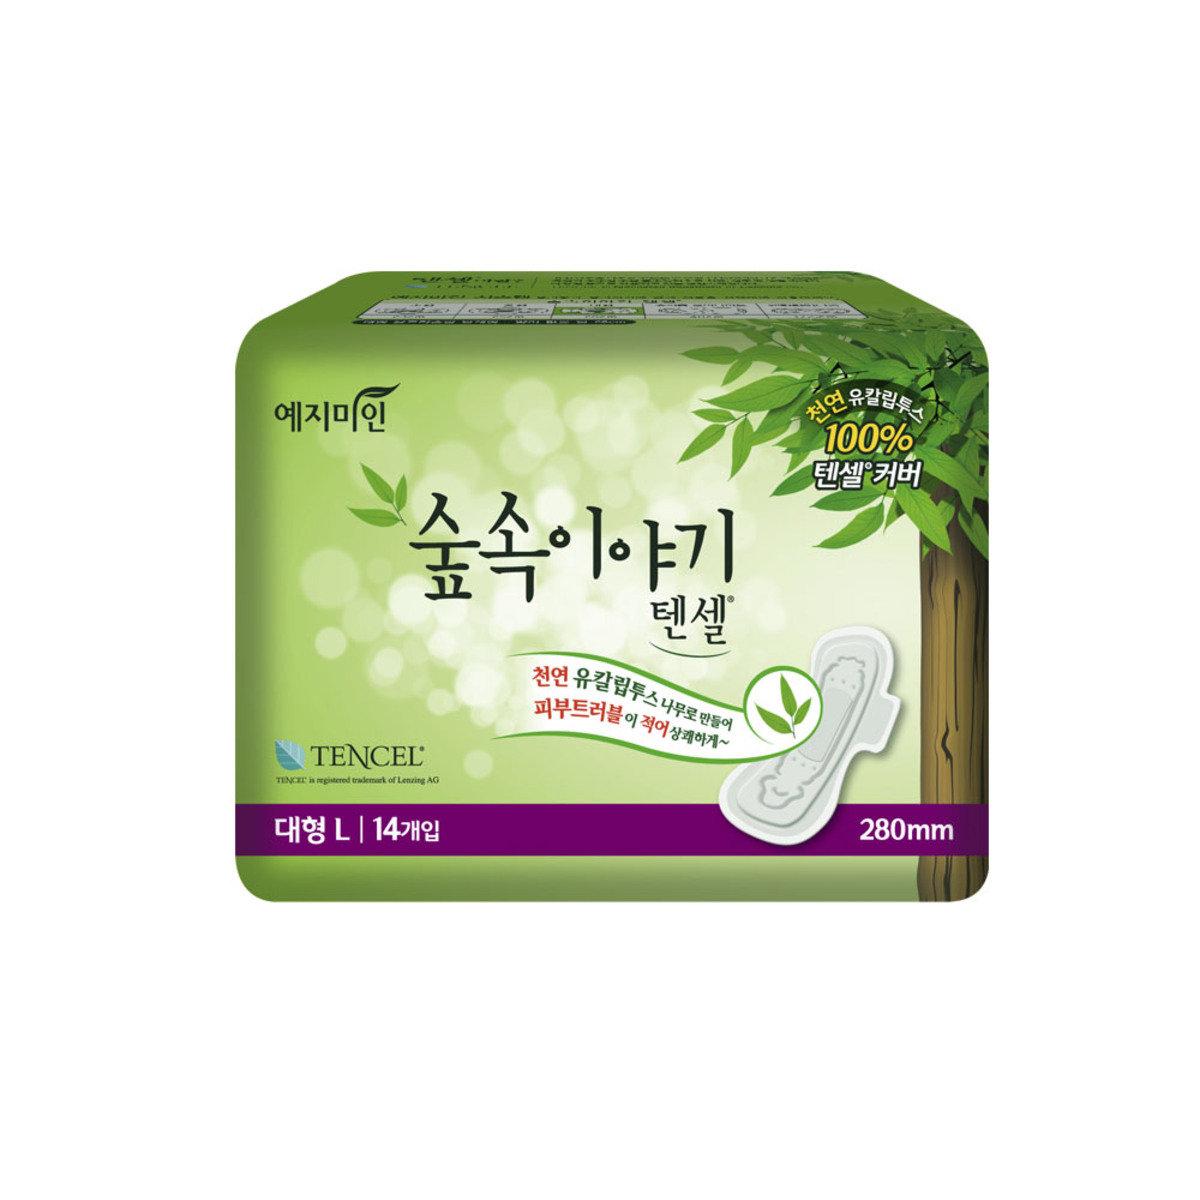 韓國天絲抑菌衛生巾 28CM 14片裝